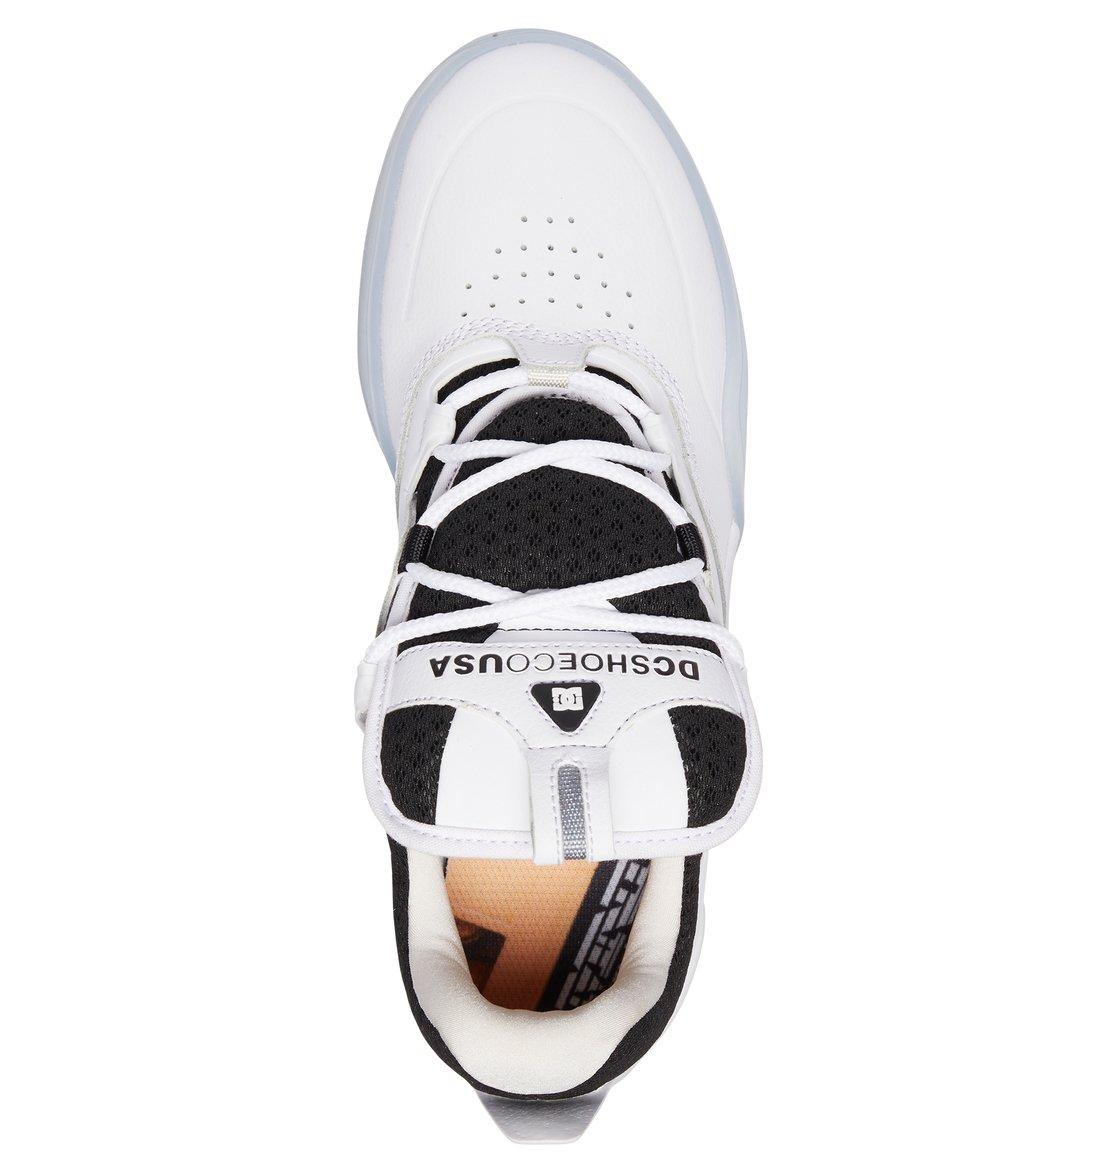 afda91a8b8 3 Tênis Kalis S Manolo DC Shoes Branco BRADYS100483 DC Shoes